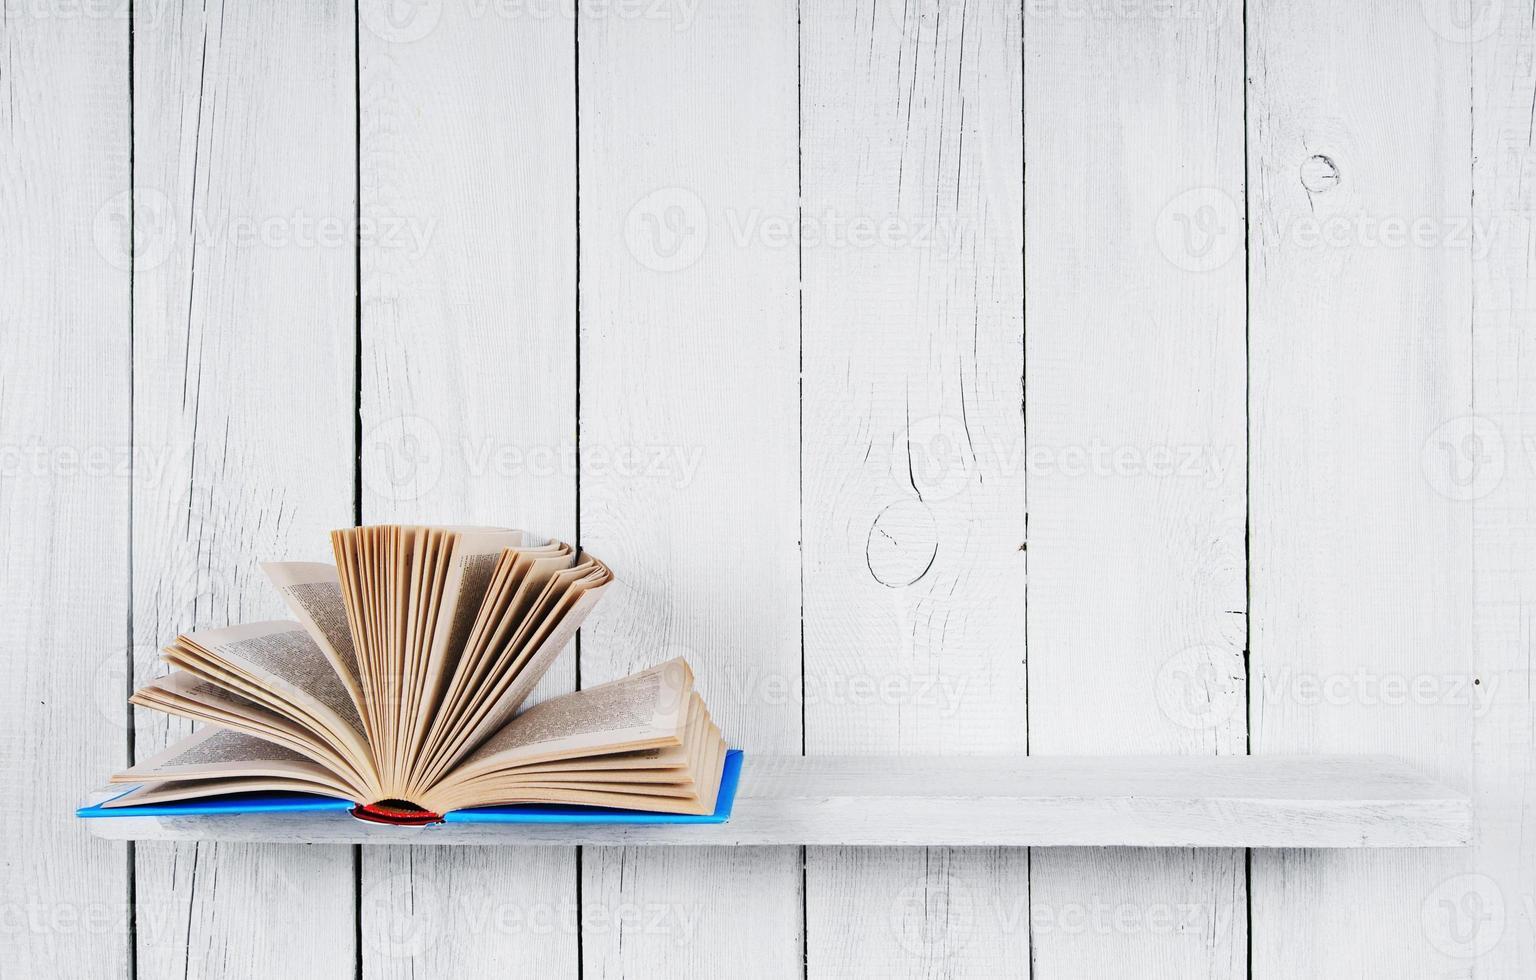 le livre ouvert sur une étagère en bois. photo